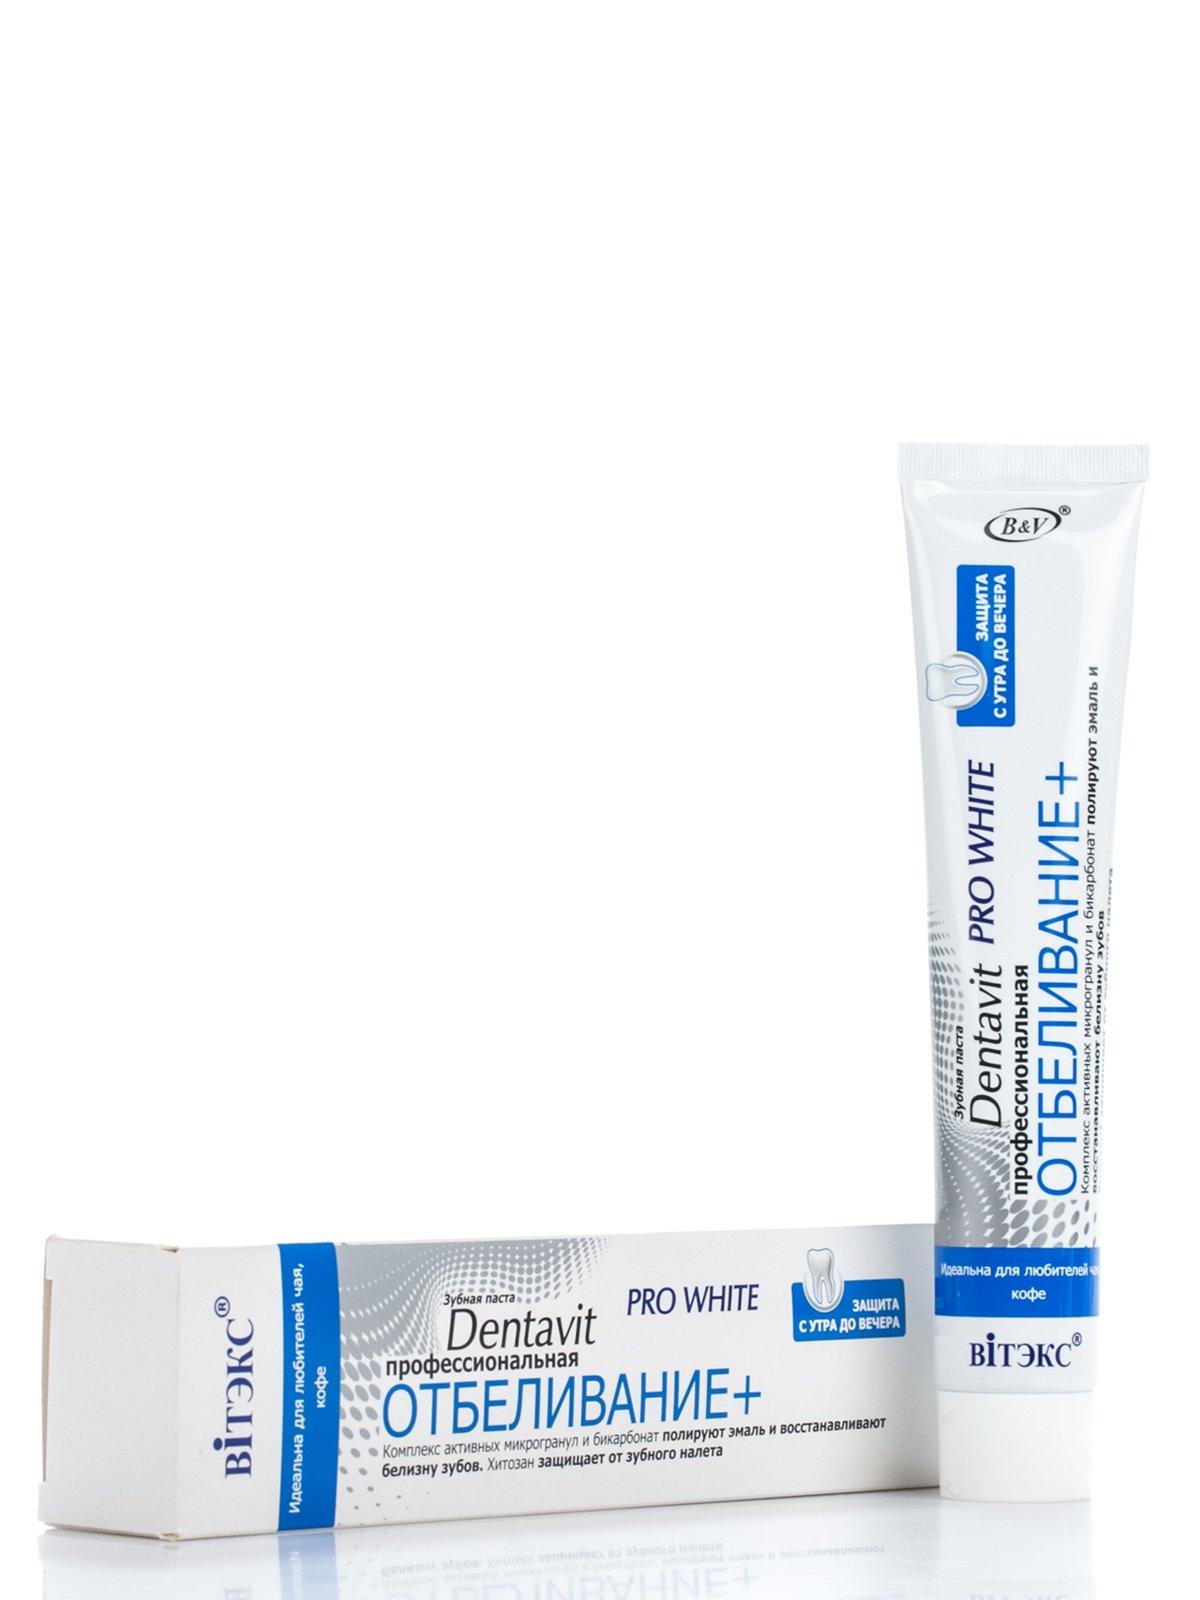 Зубна паста Dentavit Pro White «Професійна відбілення » (85 г) | 2028675